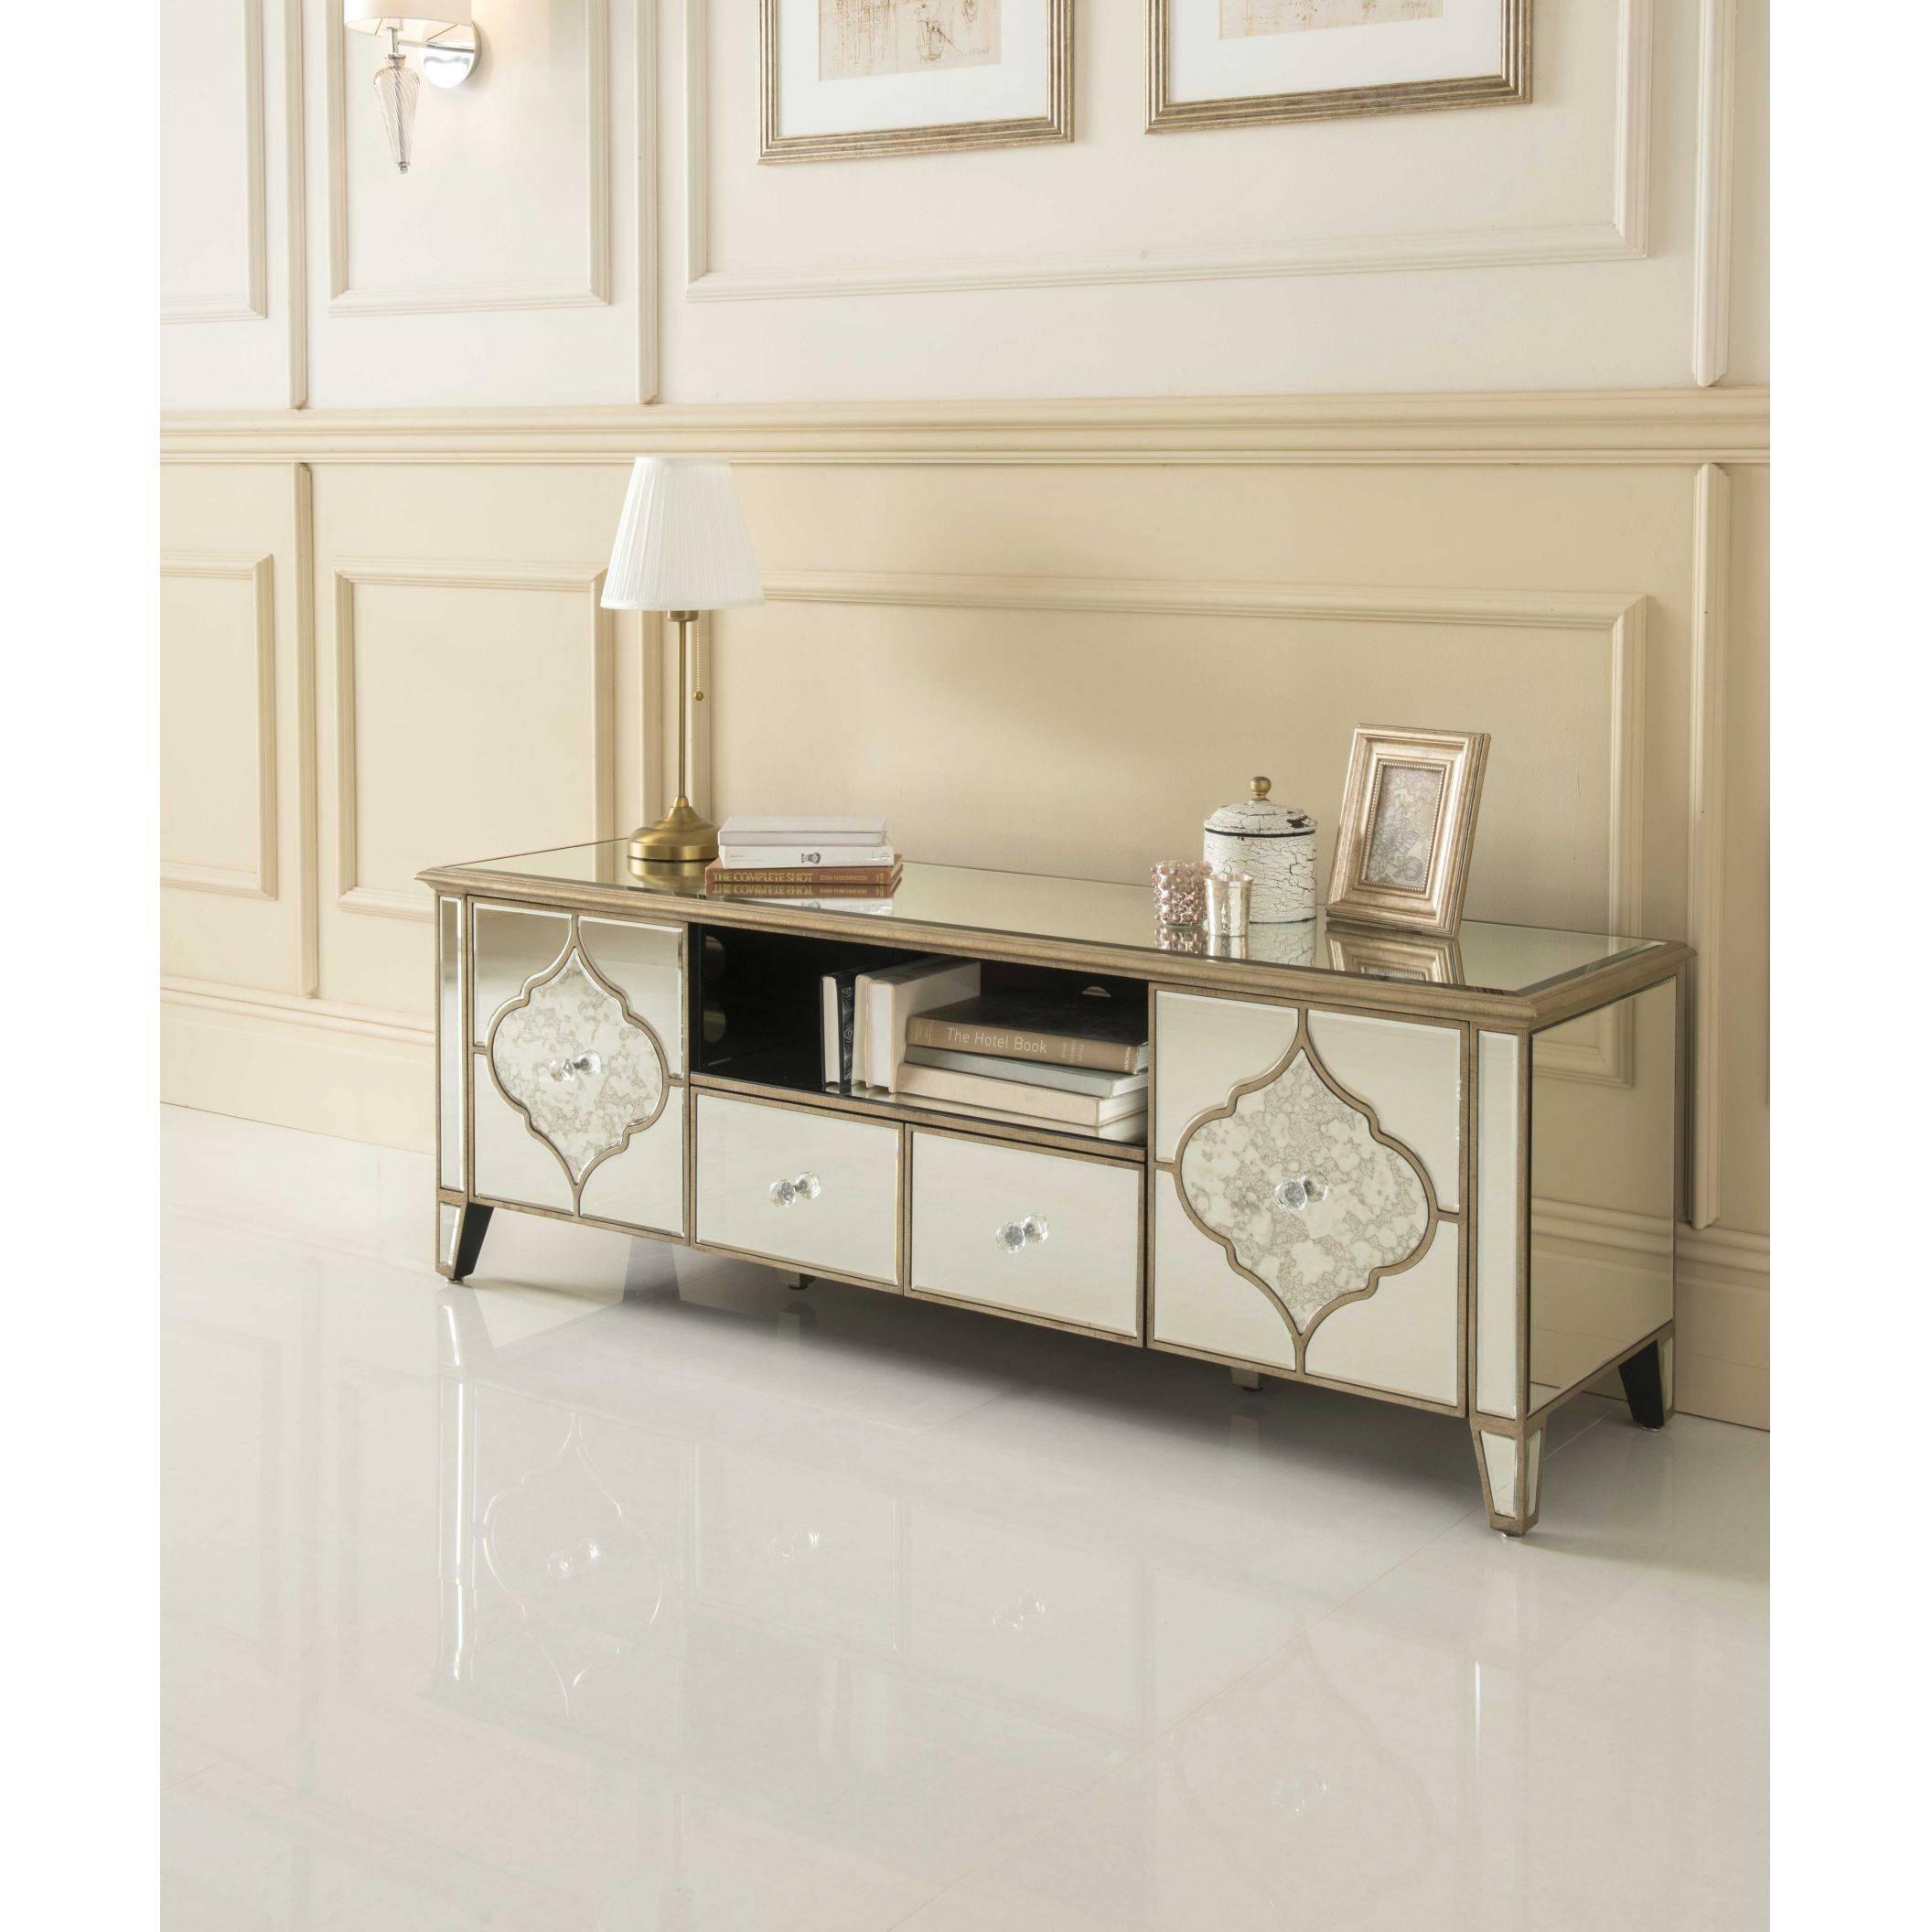 Sassari Mirrored Tv Cabinet | Glass Furniture inside Mirrored Tv Cabinets Furniture (Image 10 of 15)